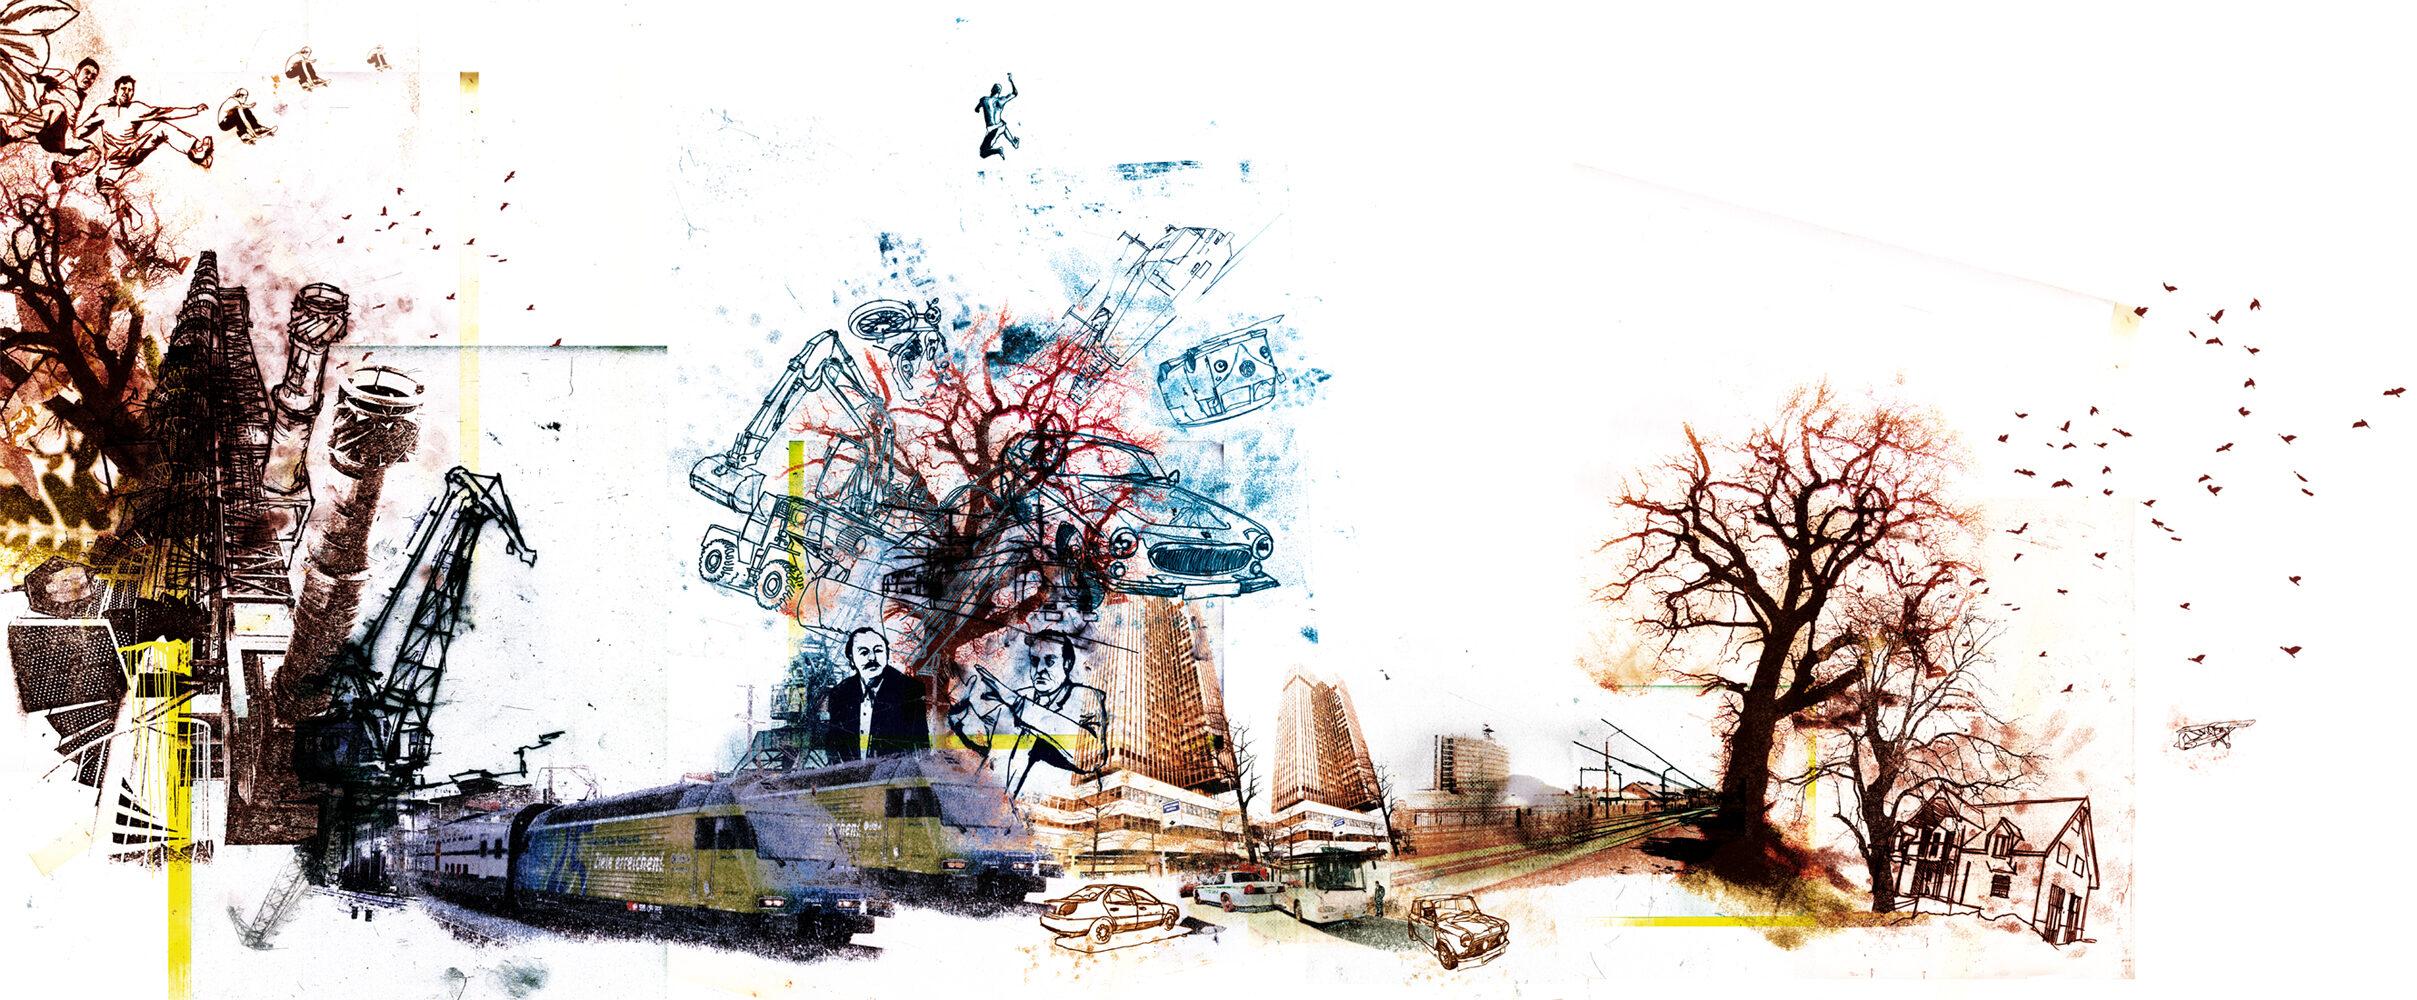 Bea - Kornel Illustration | Kornel Stadler portfolio